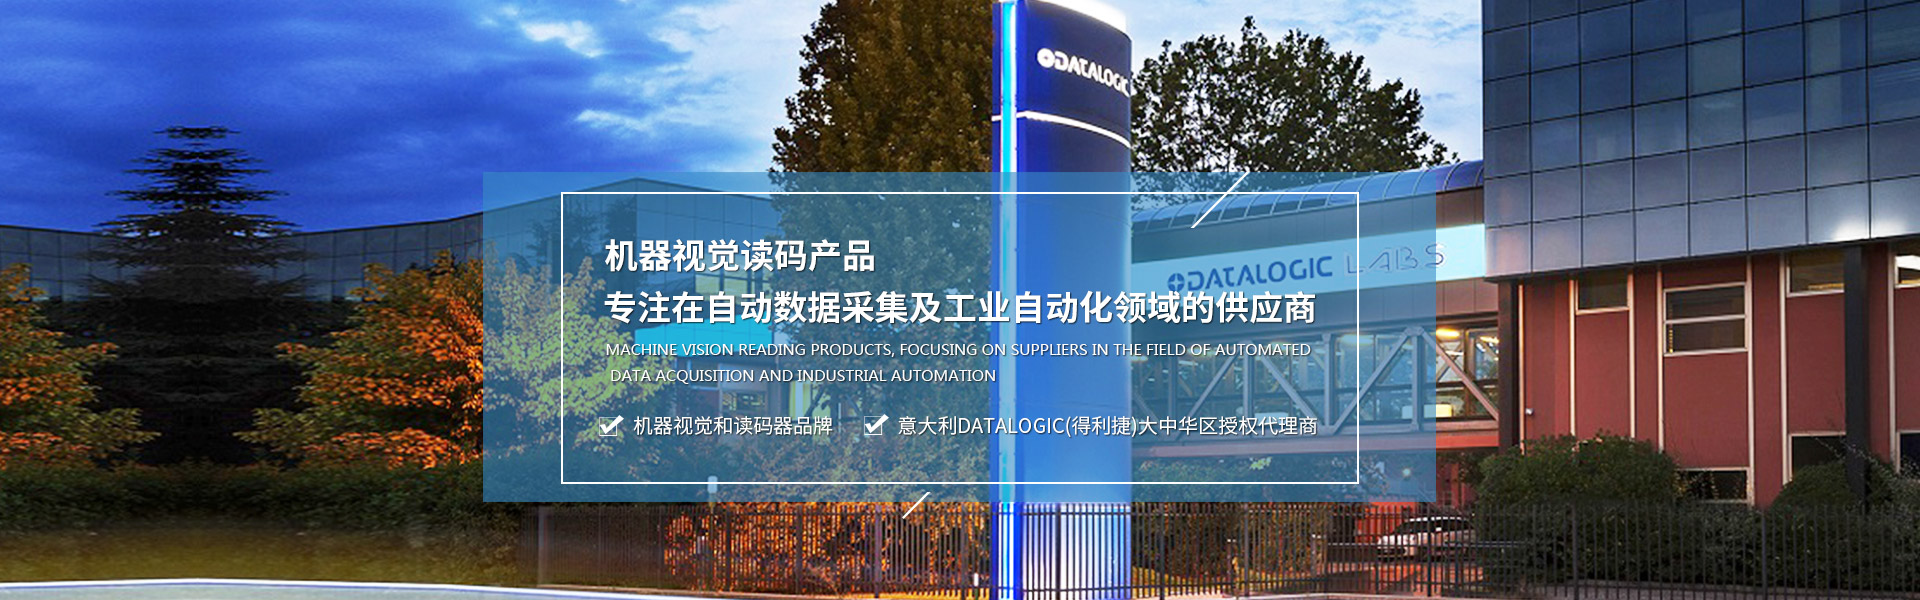 蘇州凱發k8登錄電子有限公司